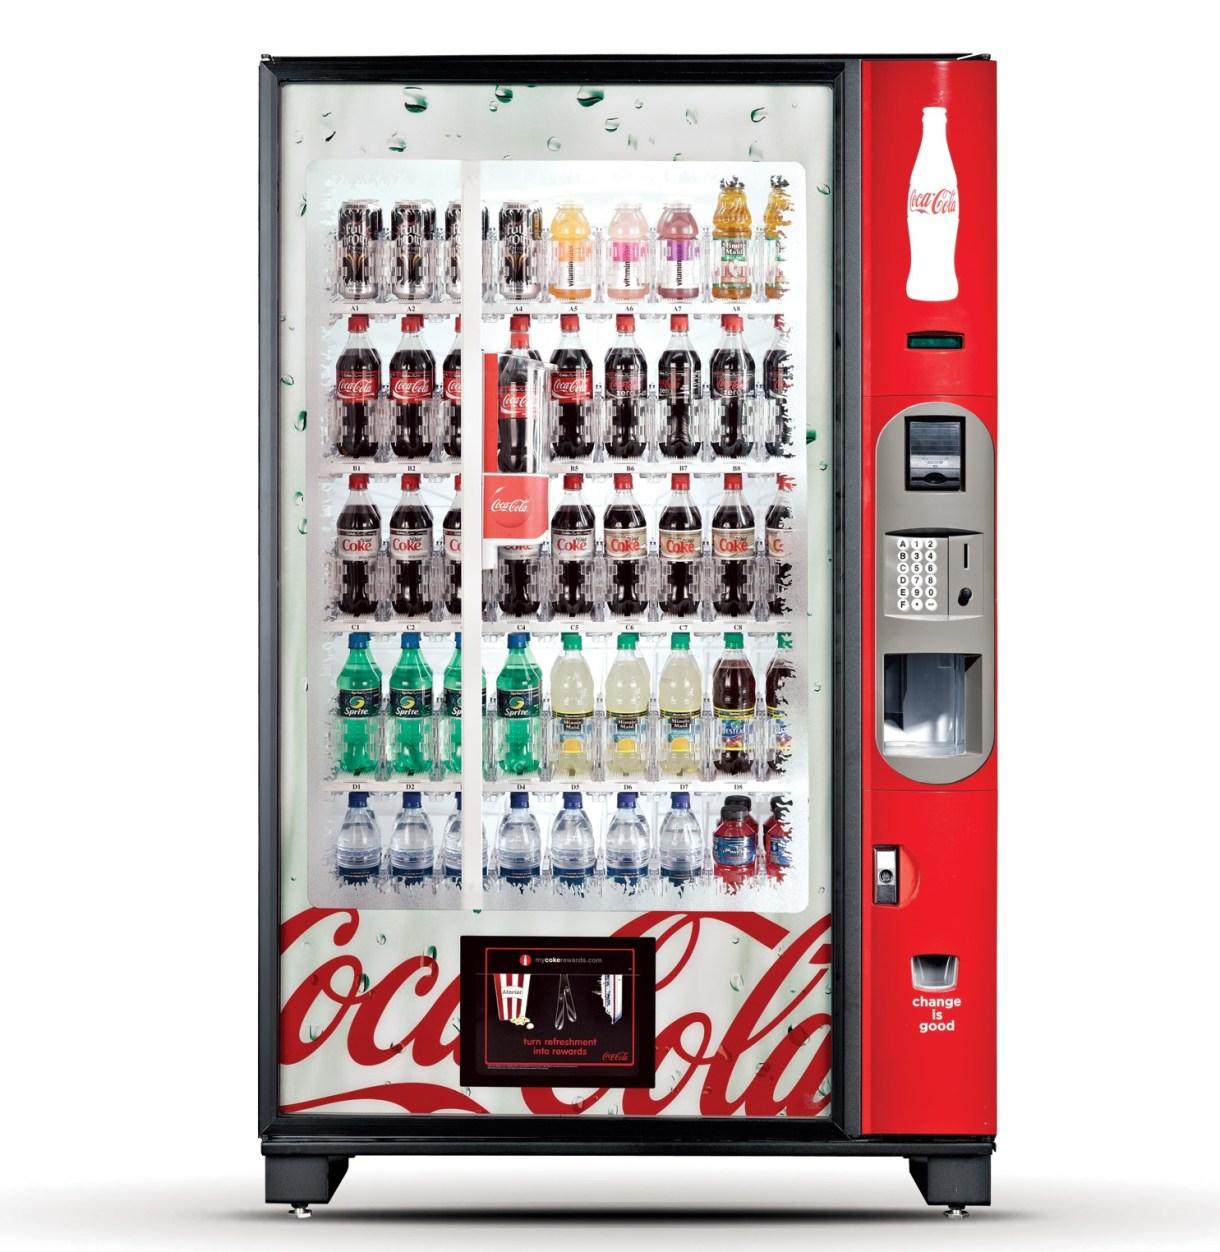 Coke Bev Max